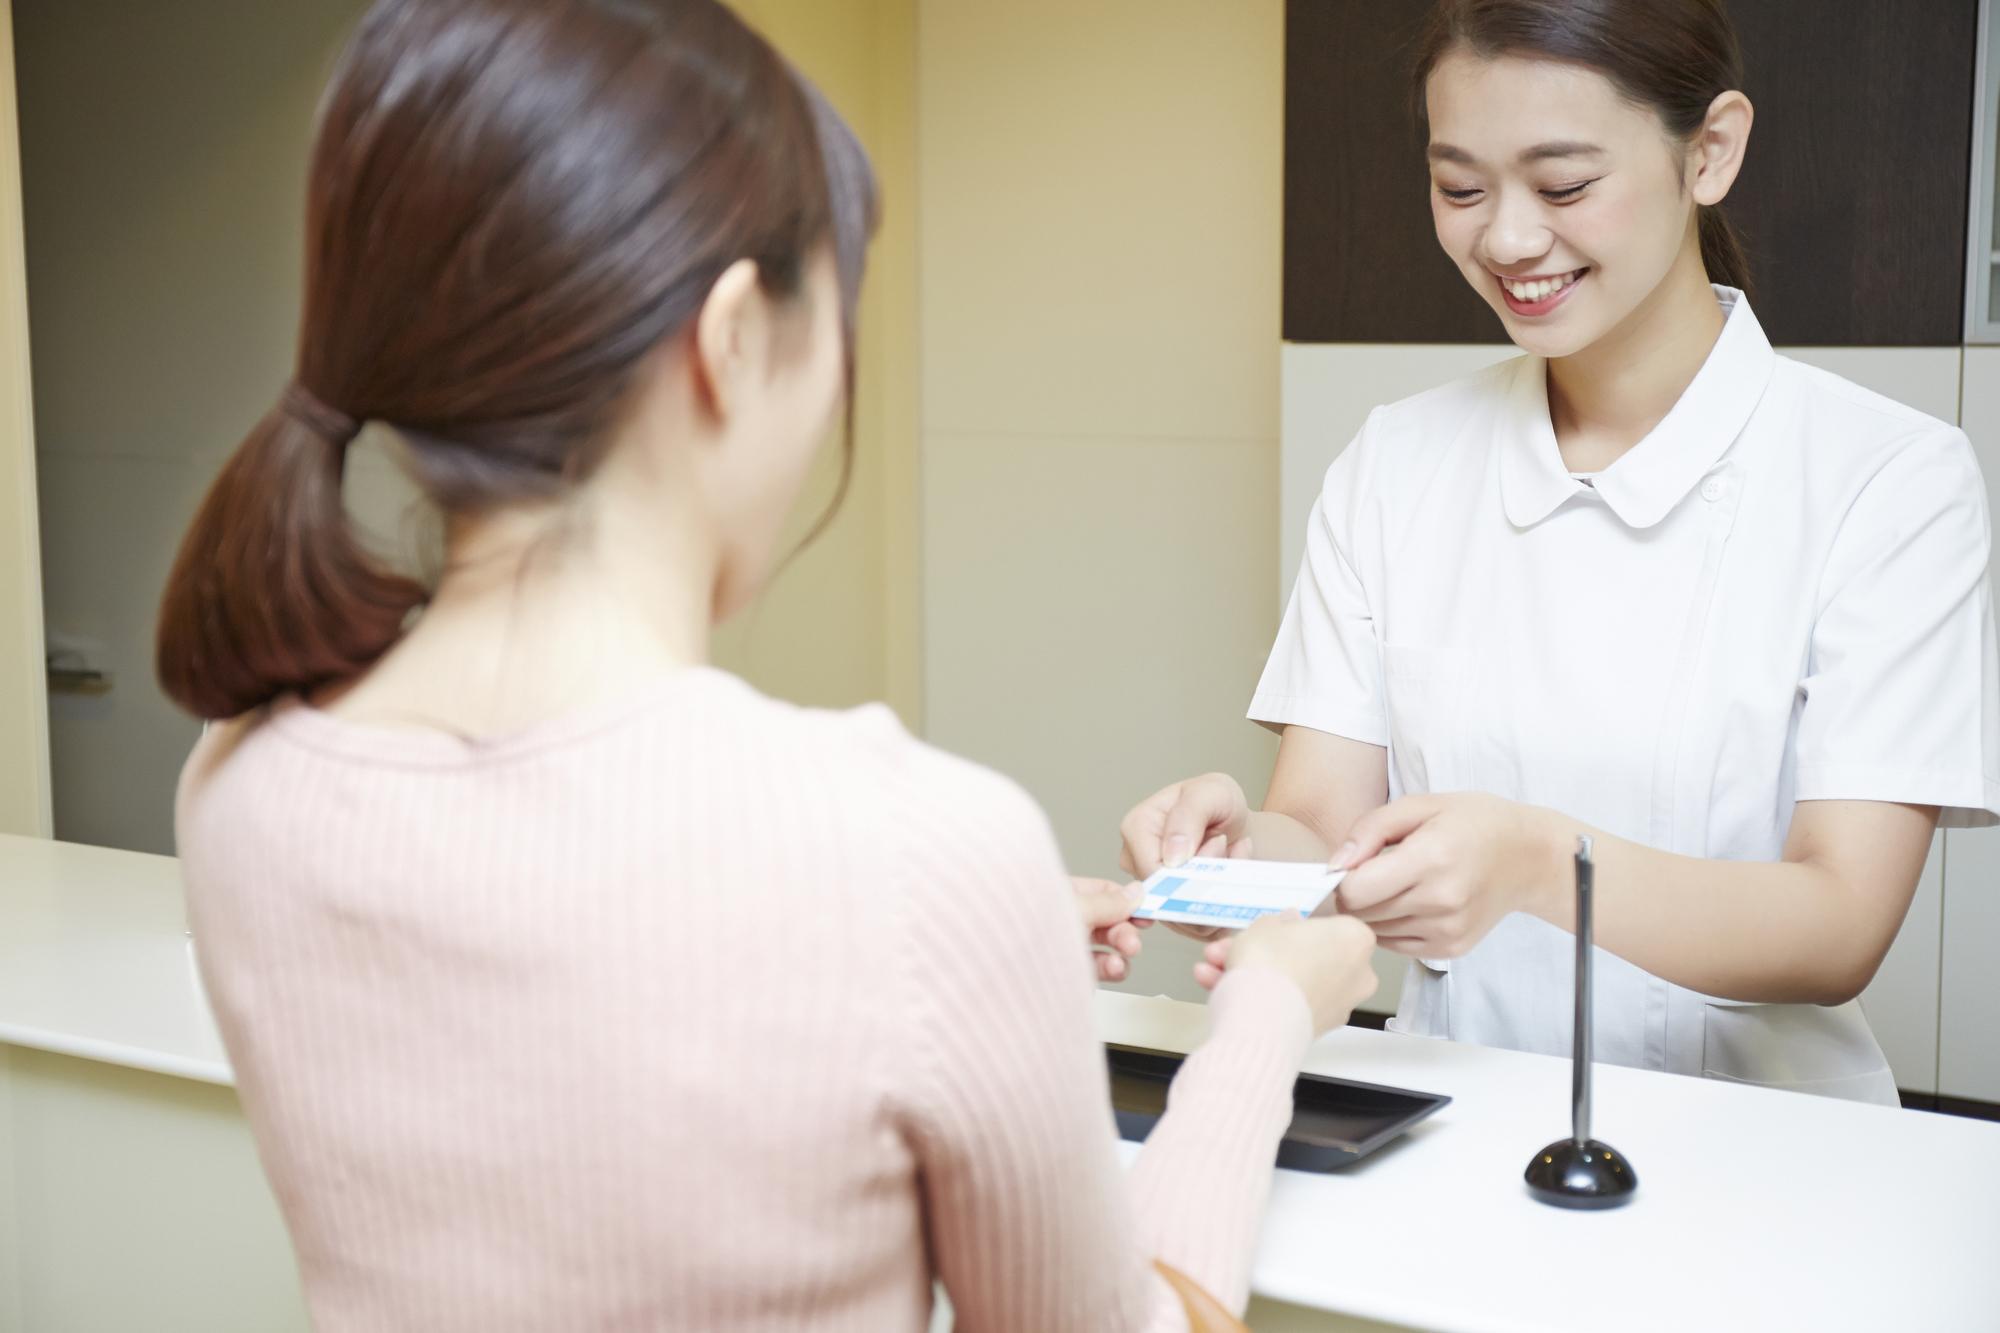 歯科医院を受診する女性